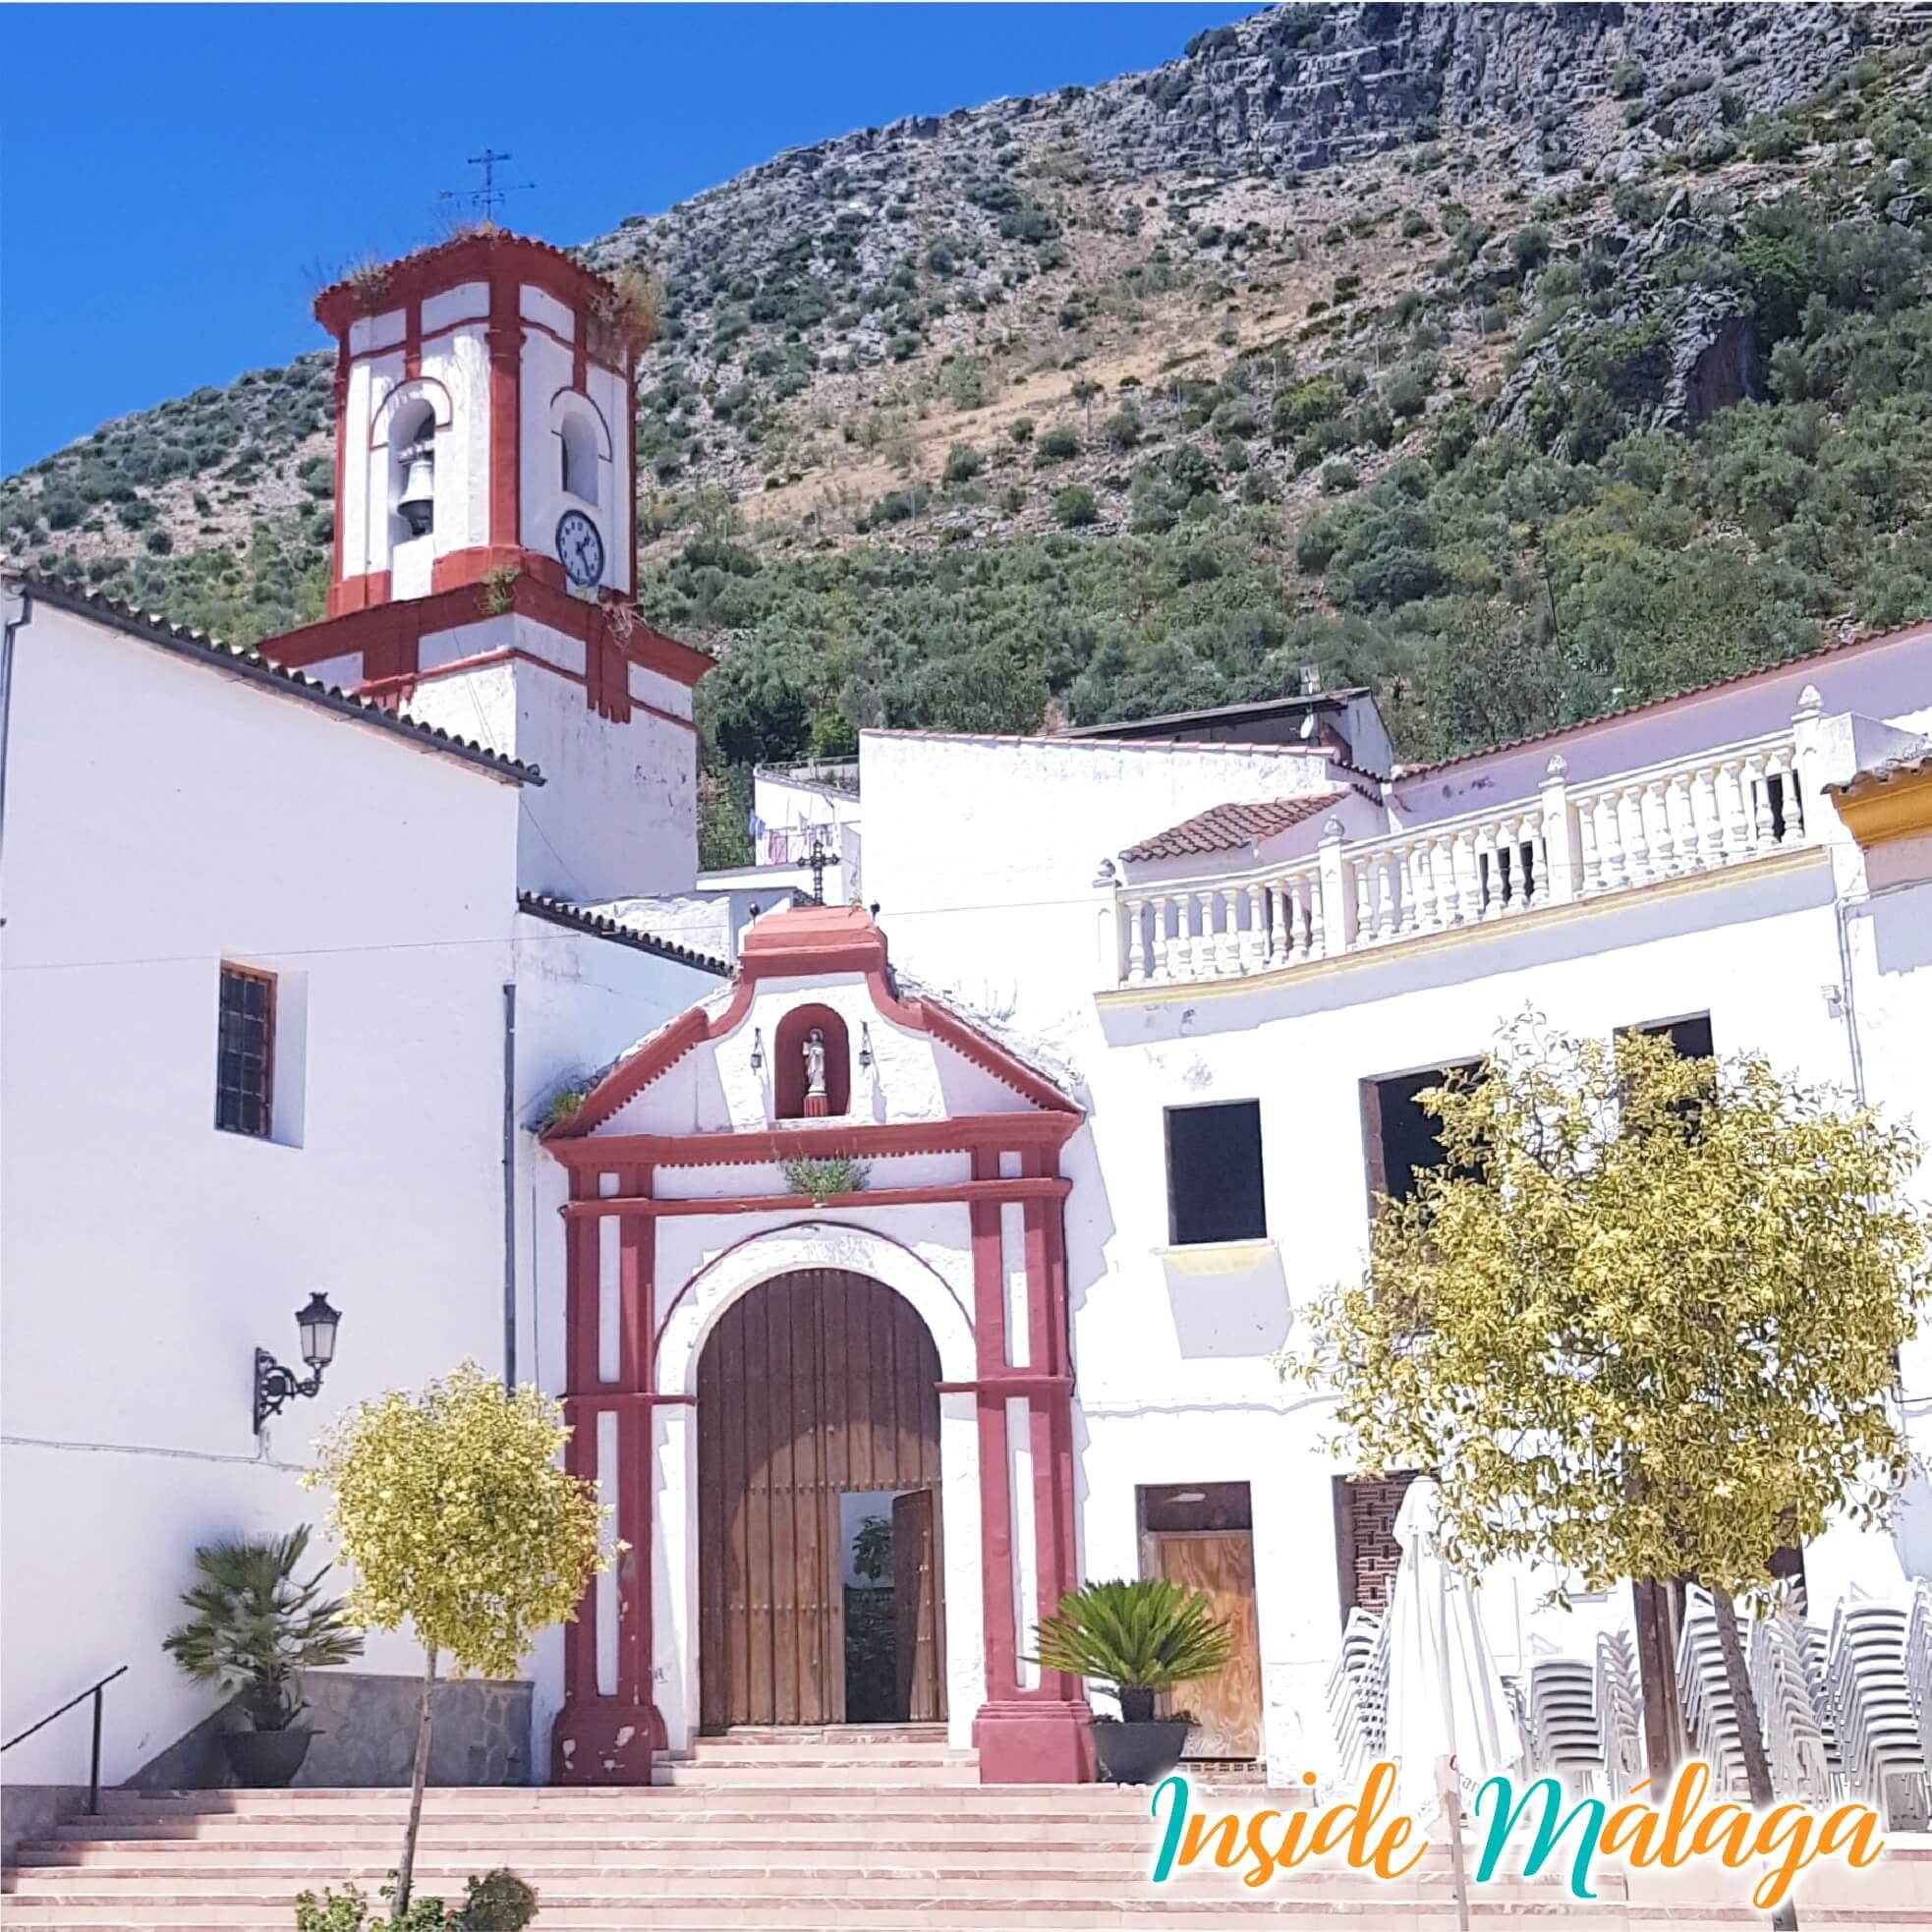 Parroquia Iglesia Nuestra Señora del Rosario Benaojan Malaga